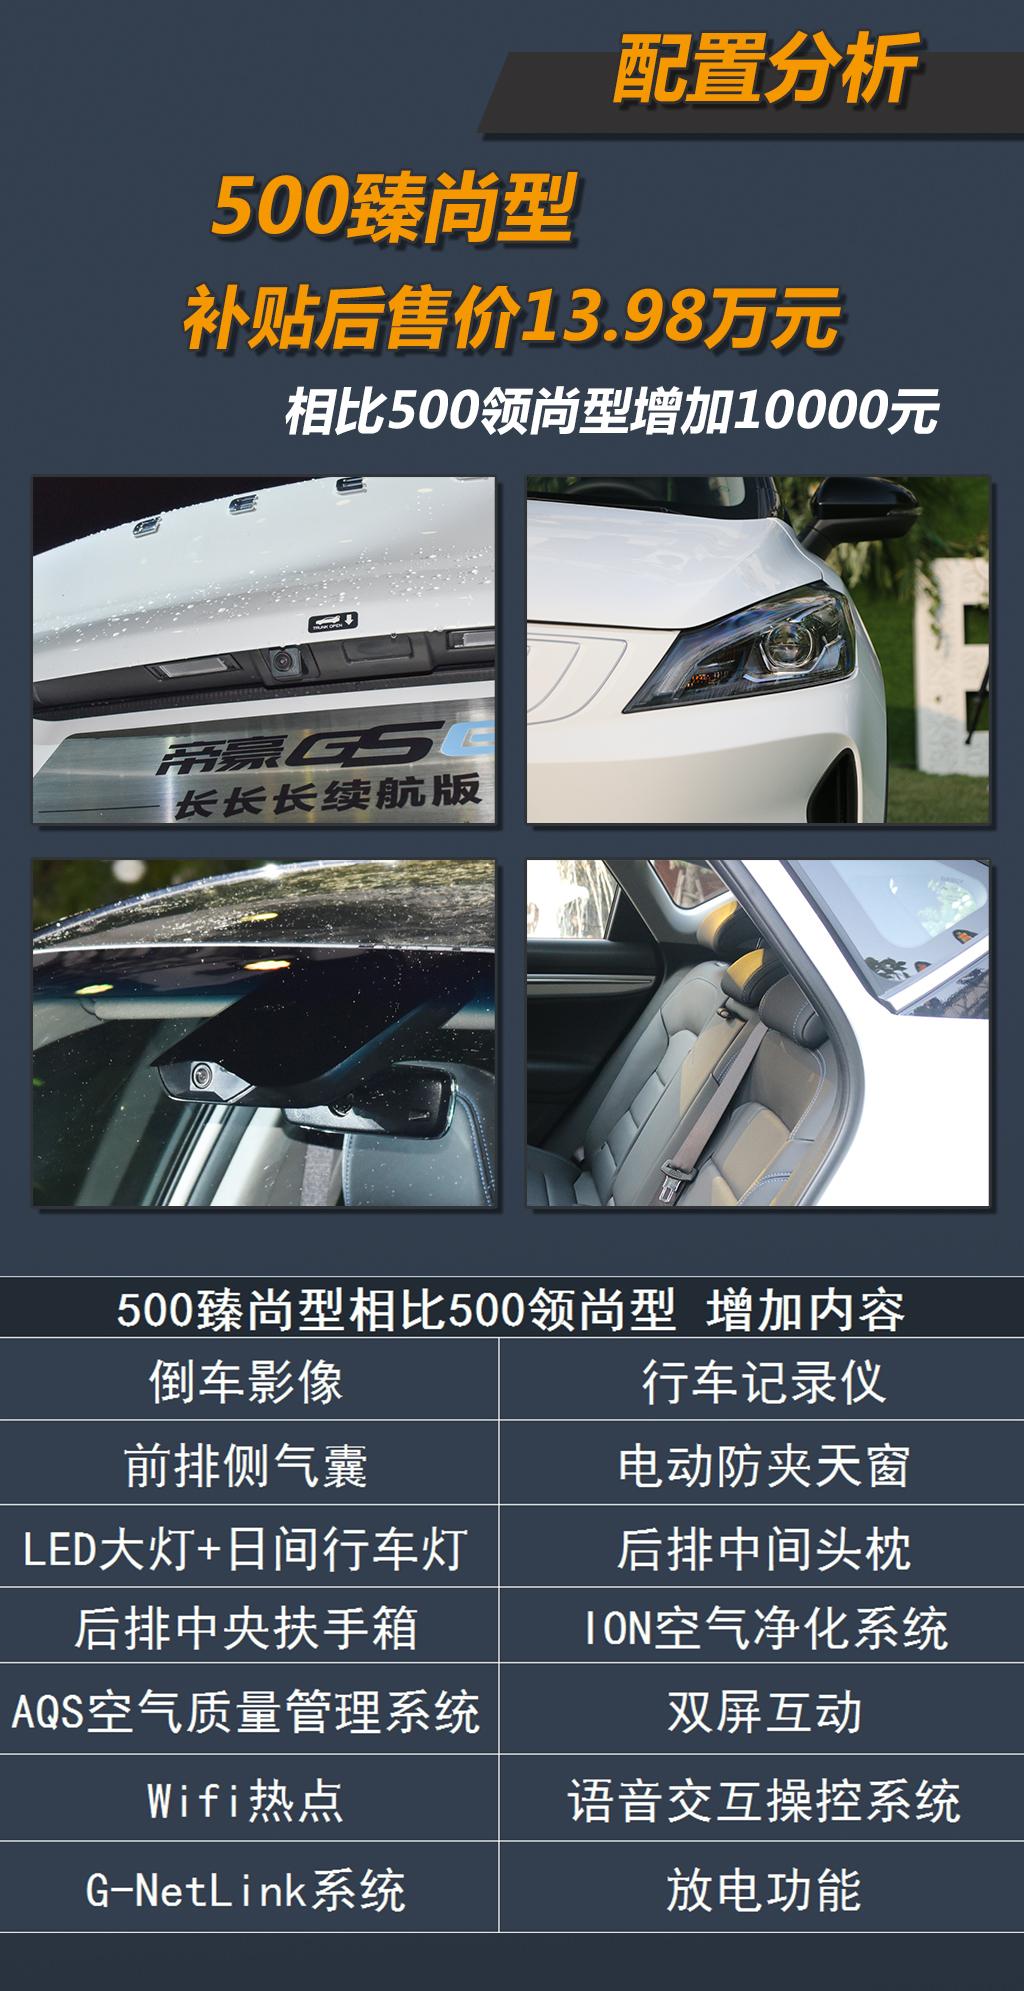 推荐500领尚型 吉利帝豪GSe长续航版购车手册